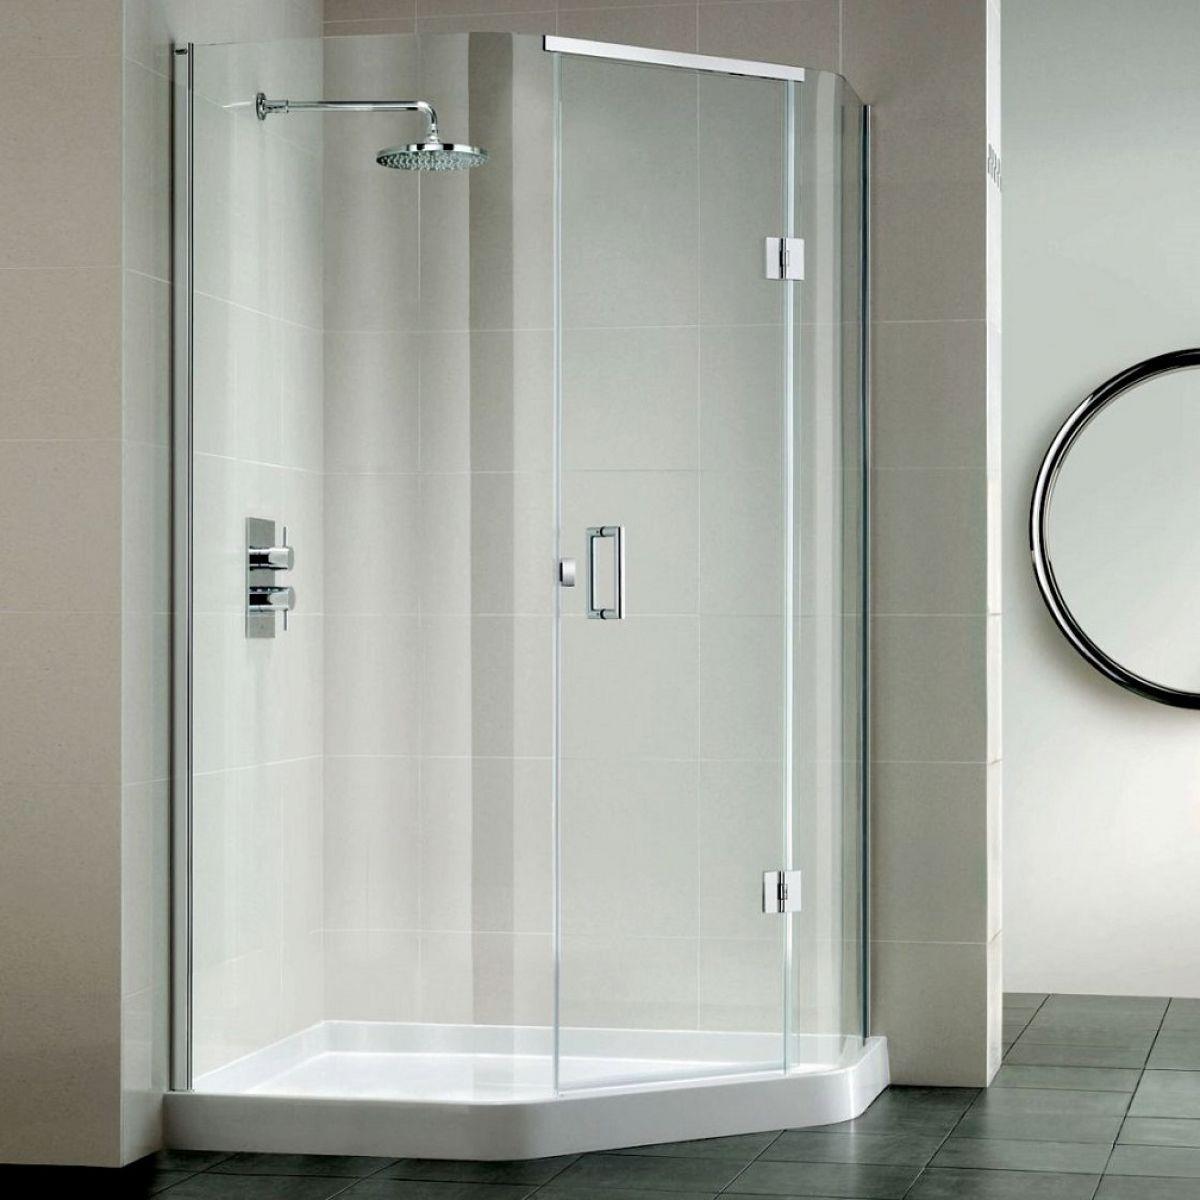 Matki Original Illusion Quintesse Corner Shower Enclosure : UK Bathrooms